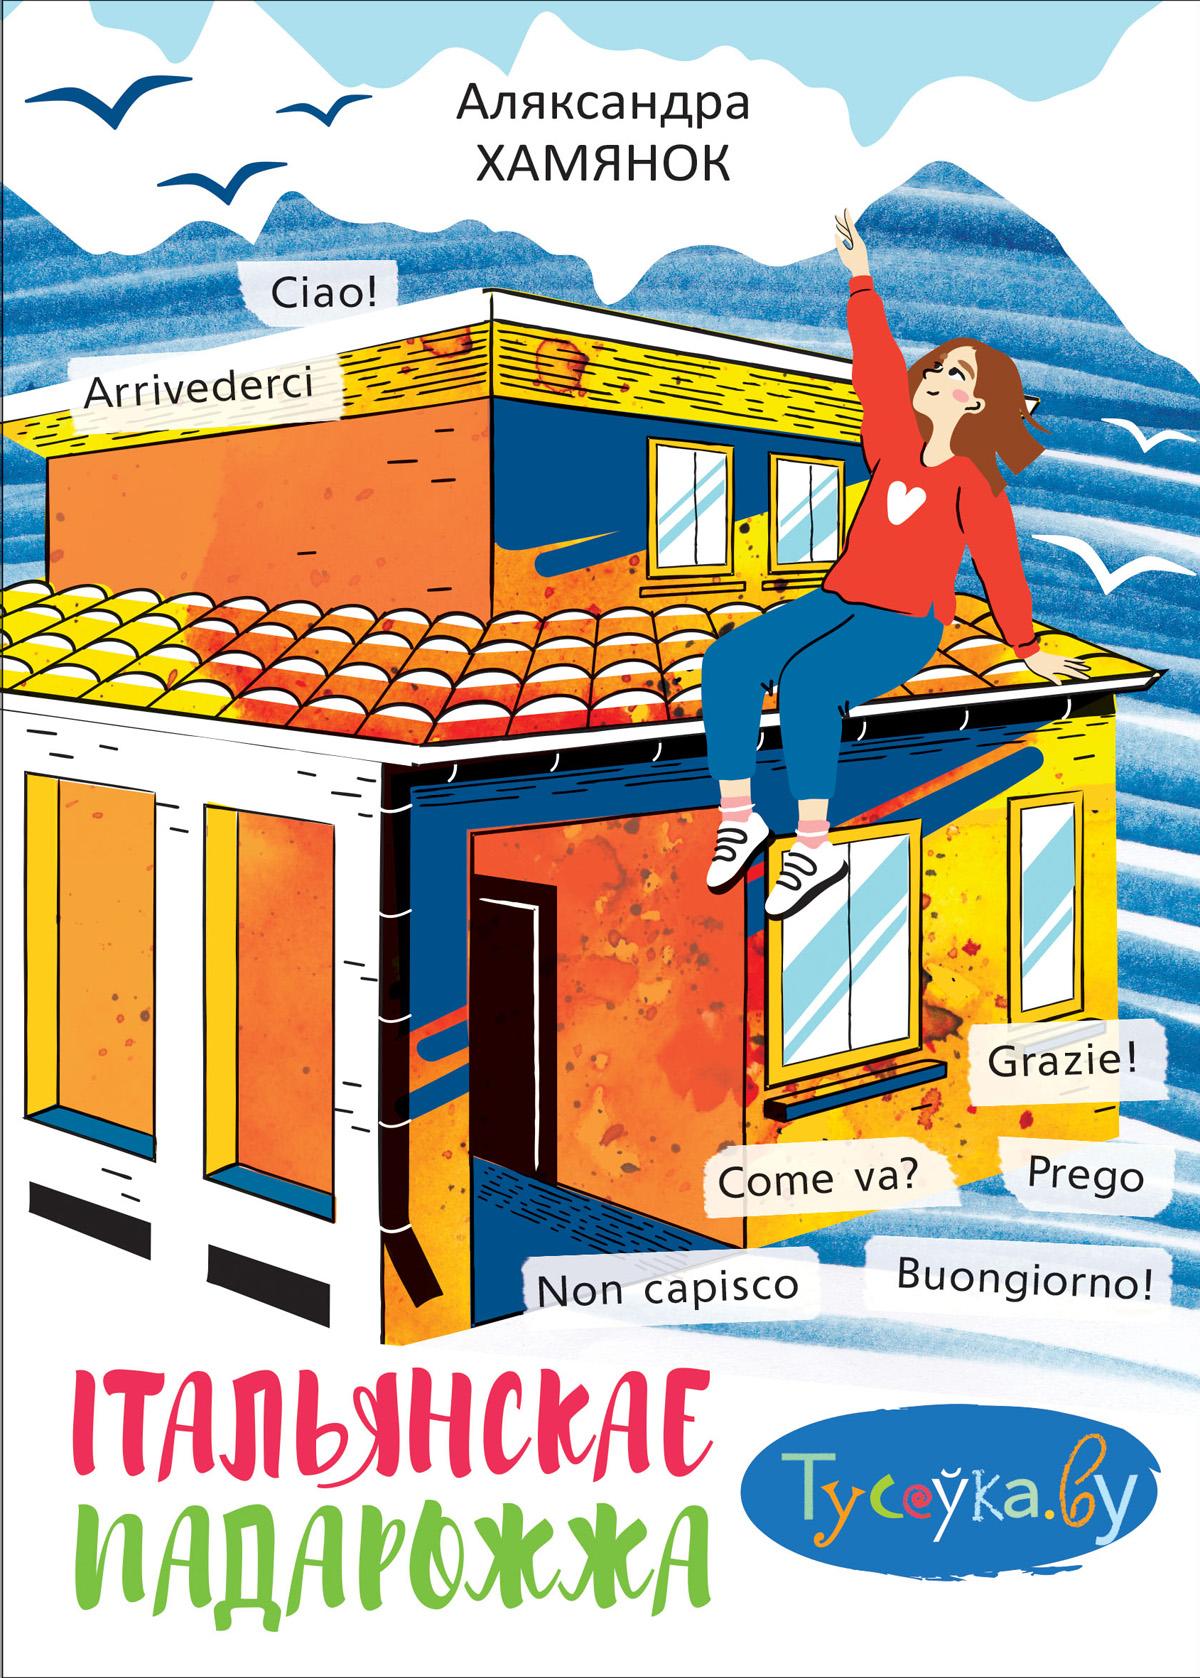 Італьянскае падарожжа